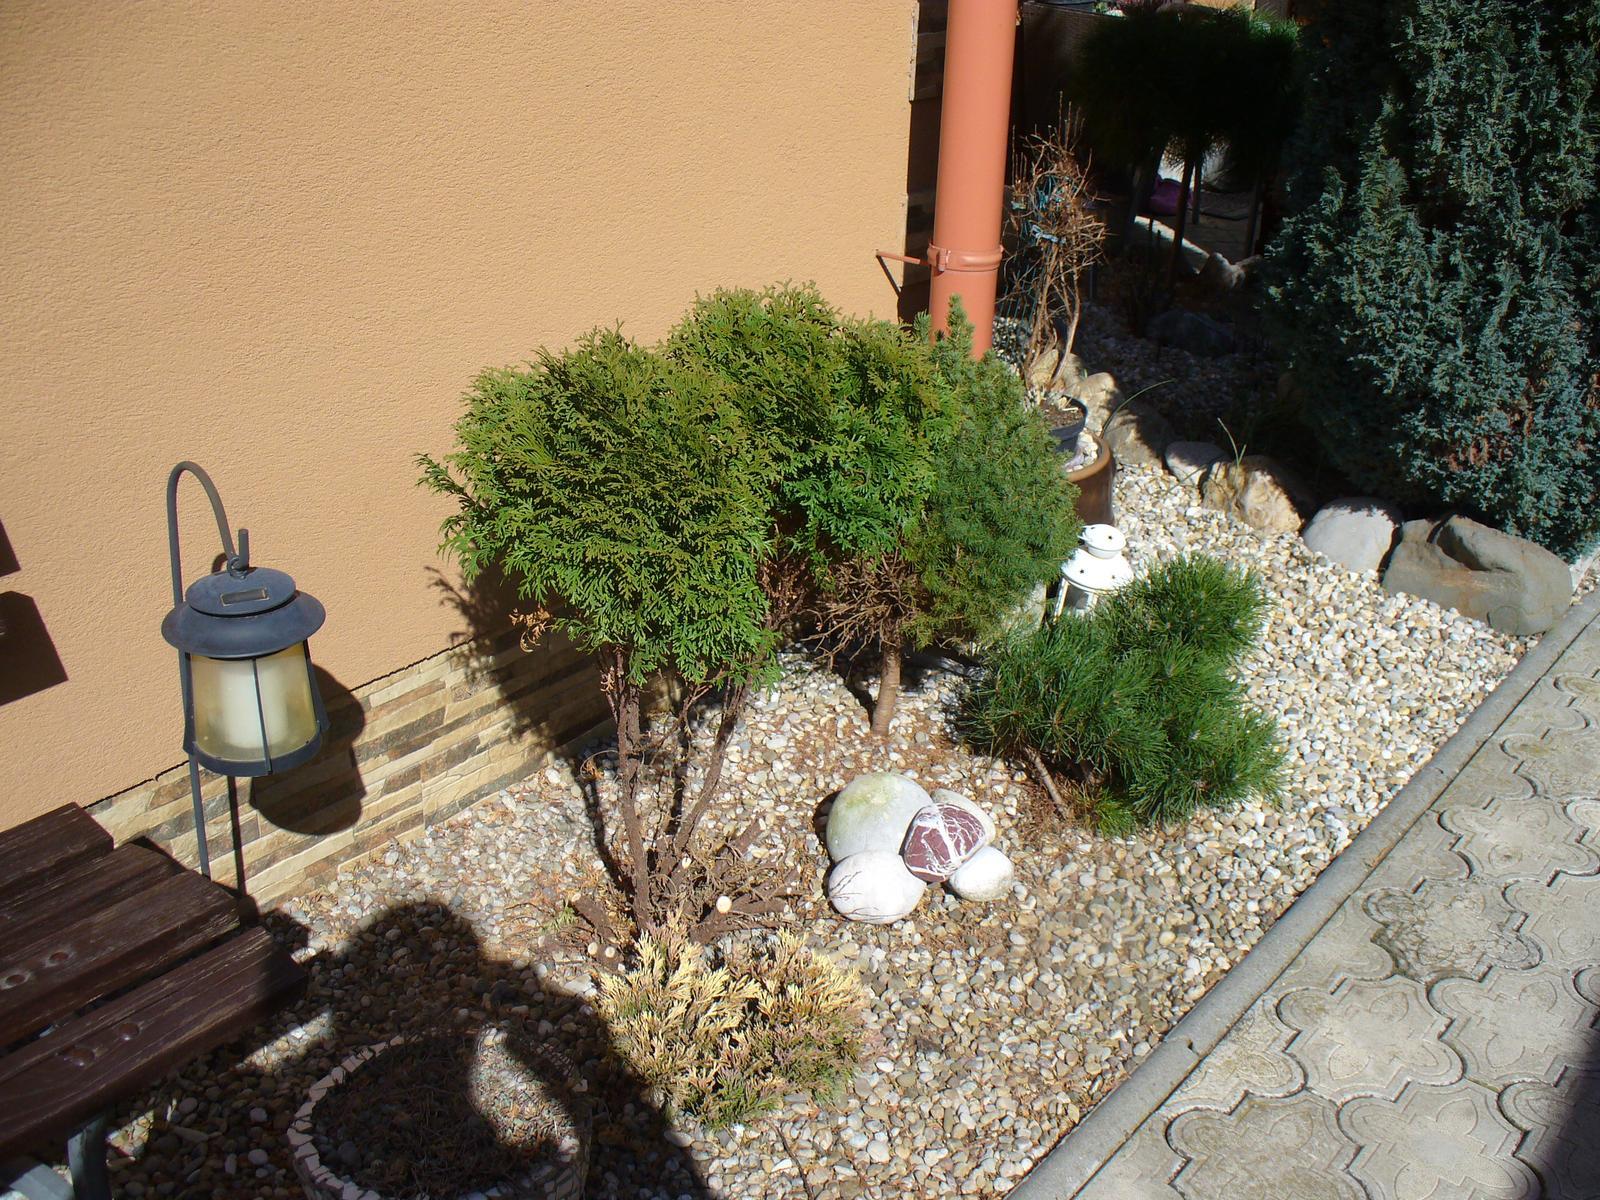 Prerábka, sadenie a úpravy v našej mini záhradke. - z veľkej gule sme nechali 2 výhonky